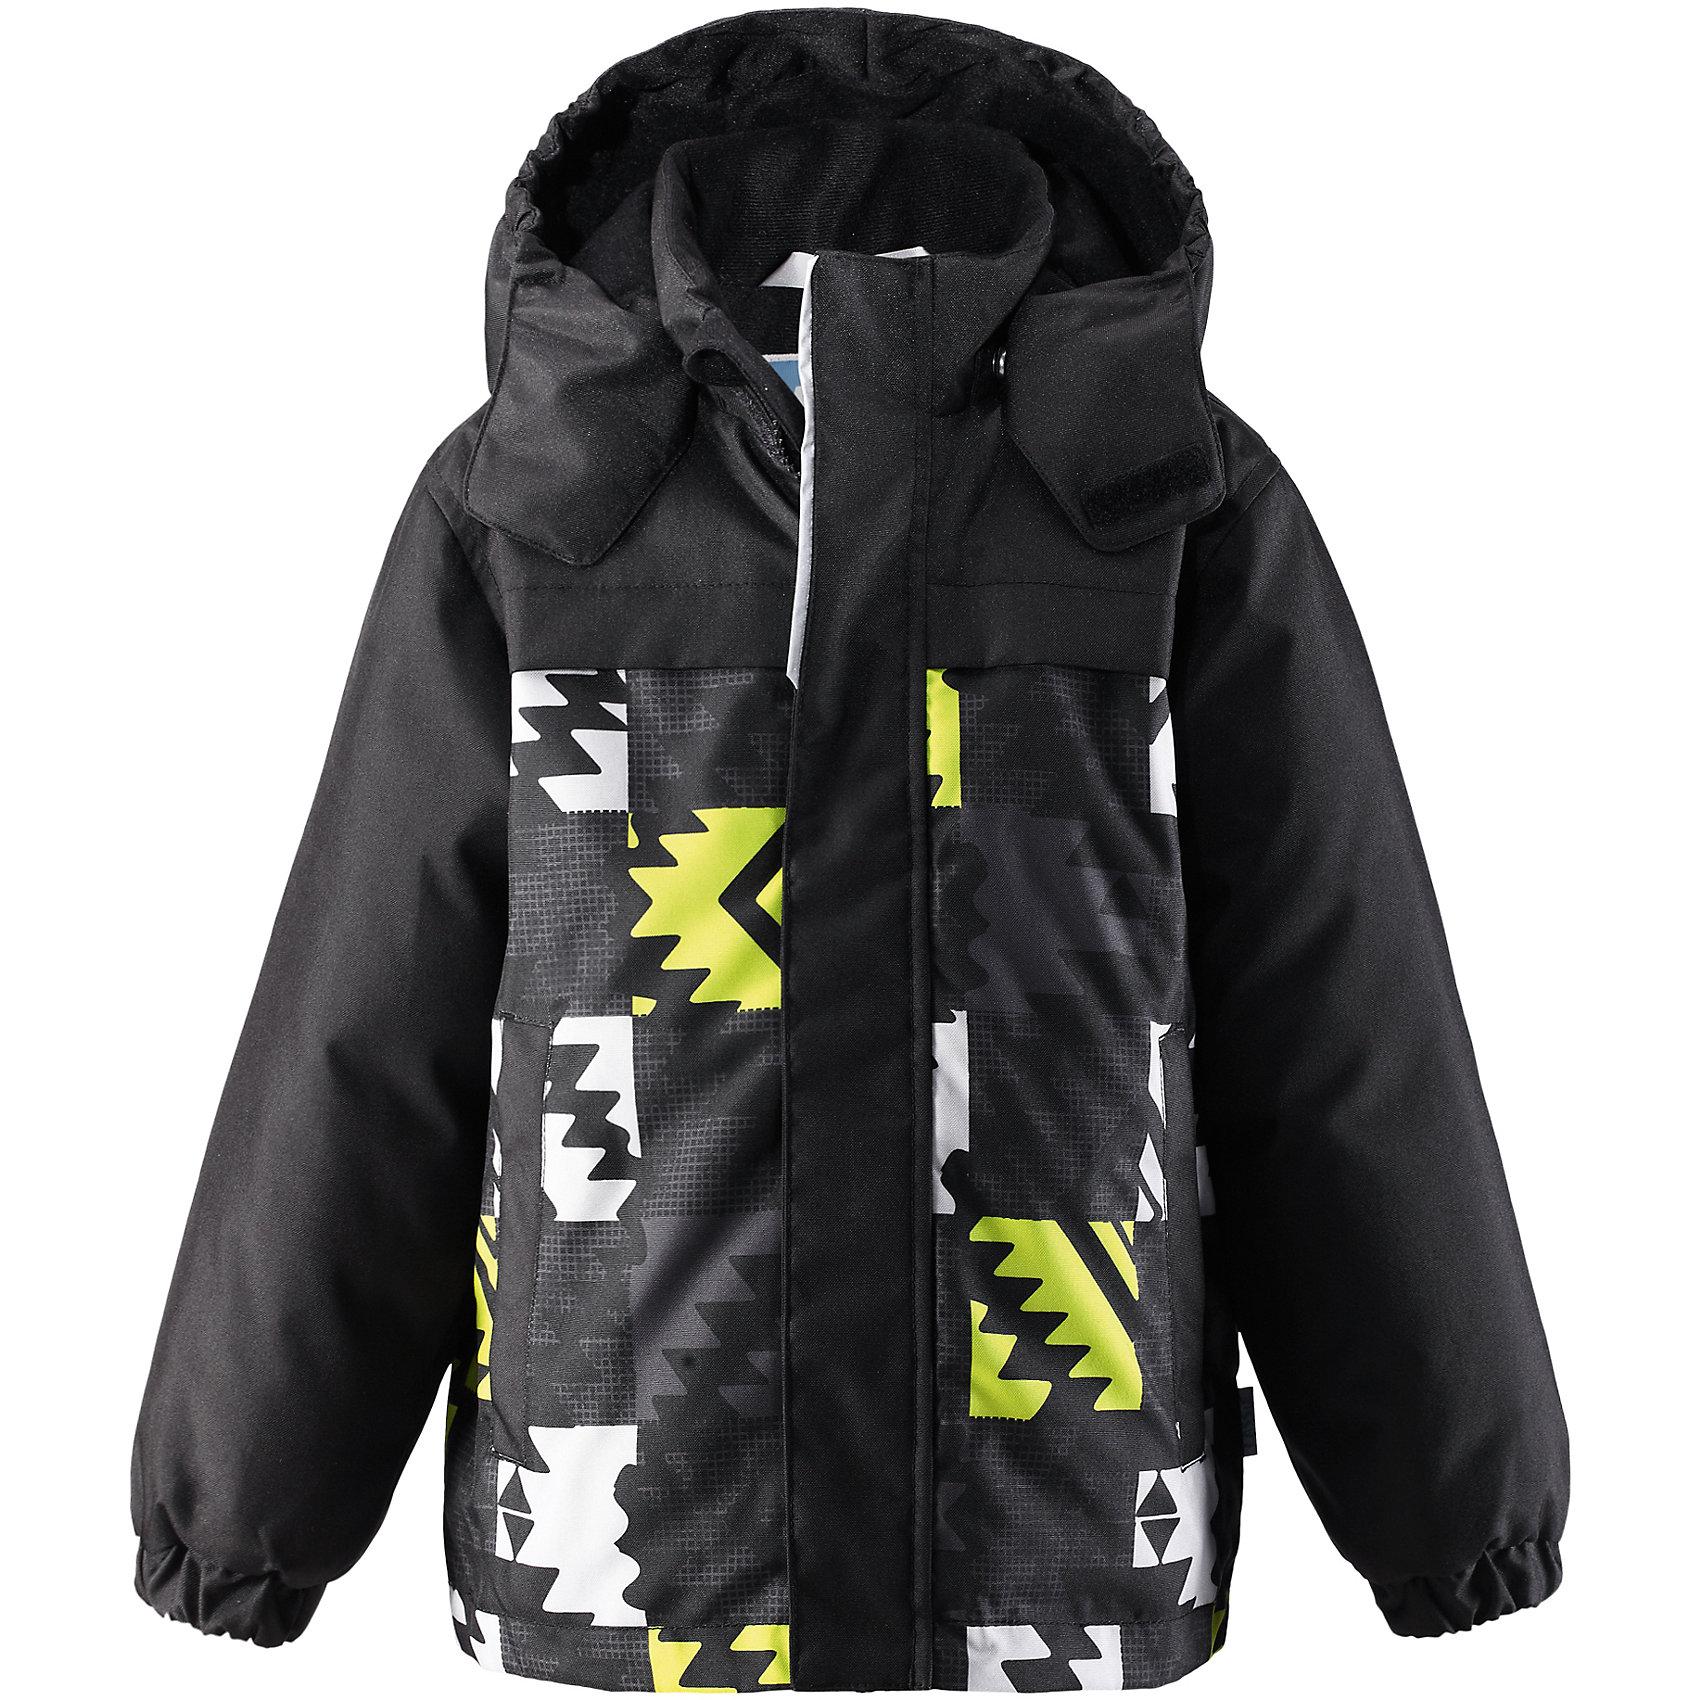 Куртка для мальчика LASSIE by ReimaЗимняя куртка для детей звестной финской марки.<br><br>- Прочный материал. Водоотталкивающий, ветронепроницаемый, «дышащий» и грязеотталкивающий материал.<br>- Гладкая подкладка из полиэстра. <br>- Средняя степень утепления<br>- Безопасный, съемный капюшон. <br>- Эластичные манжеты. <br>- Регулируемый подол. <br>- Два прорезных кармана.<br>-  Принт по всей поверхности.  <br><br>Рекомендации по уходу: Стирать по отдельности, вывернув наизнанку. Застегнуть молнии и липучки. Соблюдать температуру в соответствии с руководством по уходу. Стирать моющим средством, не содержащим отбеливающие вещества. Полоскать без специального средства. Сушение в сушильном шкафу разрешено при  низкой температуре.<br><br>Состав: 100% Полиамид, полиуретановое покрытие, 100% Полиамид, полиуретановое покрытие.  Утеплитель «Lassie wadding» 180гр.<br><br>Ширина мм: 356<br>Глубина мм: 10<br>Высота мм: 245<br>Вес г: 519<br>Цвет: черный<br>Возраст от месяцев: 18<br>Возраст до месяцев: 24<br>Пол: Мужской<br>Возраст: Детский<br>Размер: 92,140,134,128,122,116,110,104,98<br>SKU: 4782408